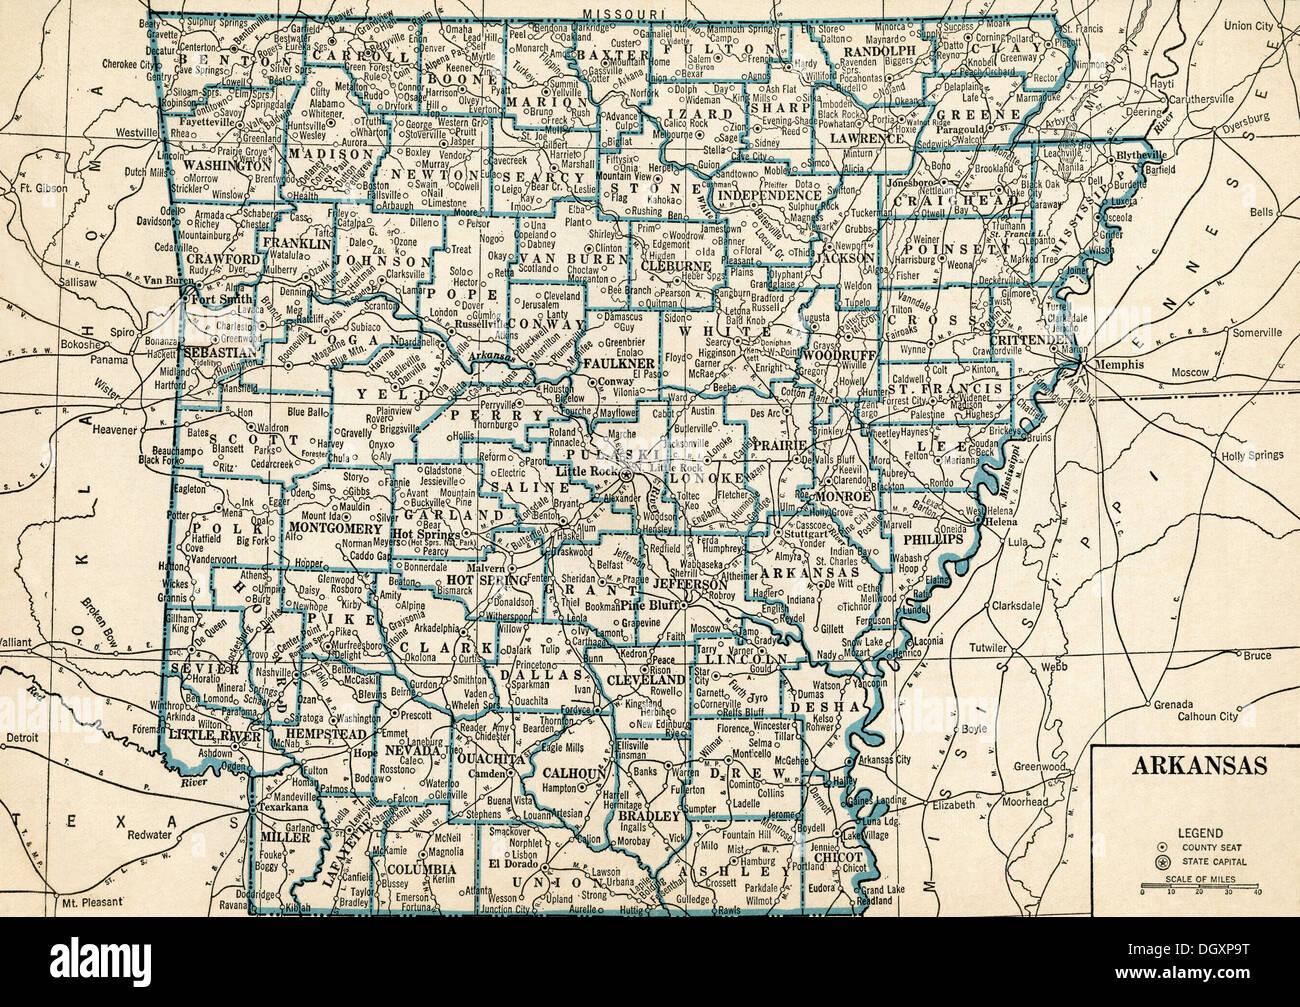 Vintage Arkansas Map Stock Photos & Vintage Arkansas Map ... on map of connecticut, harrison arkansas, map of idaho, texarkana arkansas, map of north carolina, rivers in arkansas, map of georgia, map of michigan, map of texas, osceola arkansas, map of new jersey, map of ohio, russellville arkansas, ash flat arkansas, map of alabama, map of colorado, google maps arkansas, piggott arkansas, murfreesboro arkansas, fairfield bay arkansas, jonesboro arkansas, map of africa, dewitt arkansas, ozark arkansas, fort smith arkansas, map of hawaii, map of new york, map of alaska, map of illinois, white river arkansas, england arkansas, map of florida, cities in arkansas, helena arkansas, map of arizona, map of virginia, map of delaware, waldron arkansas, west memphis arkansas,